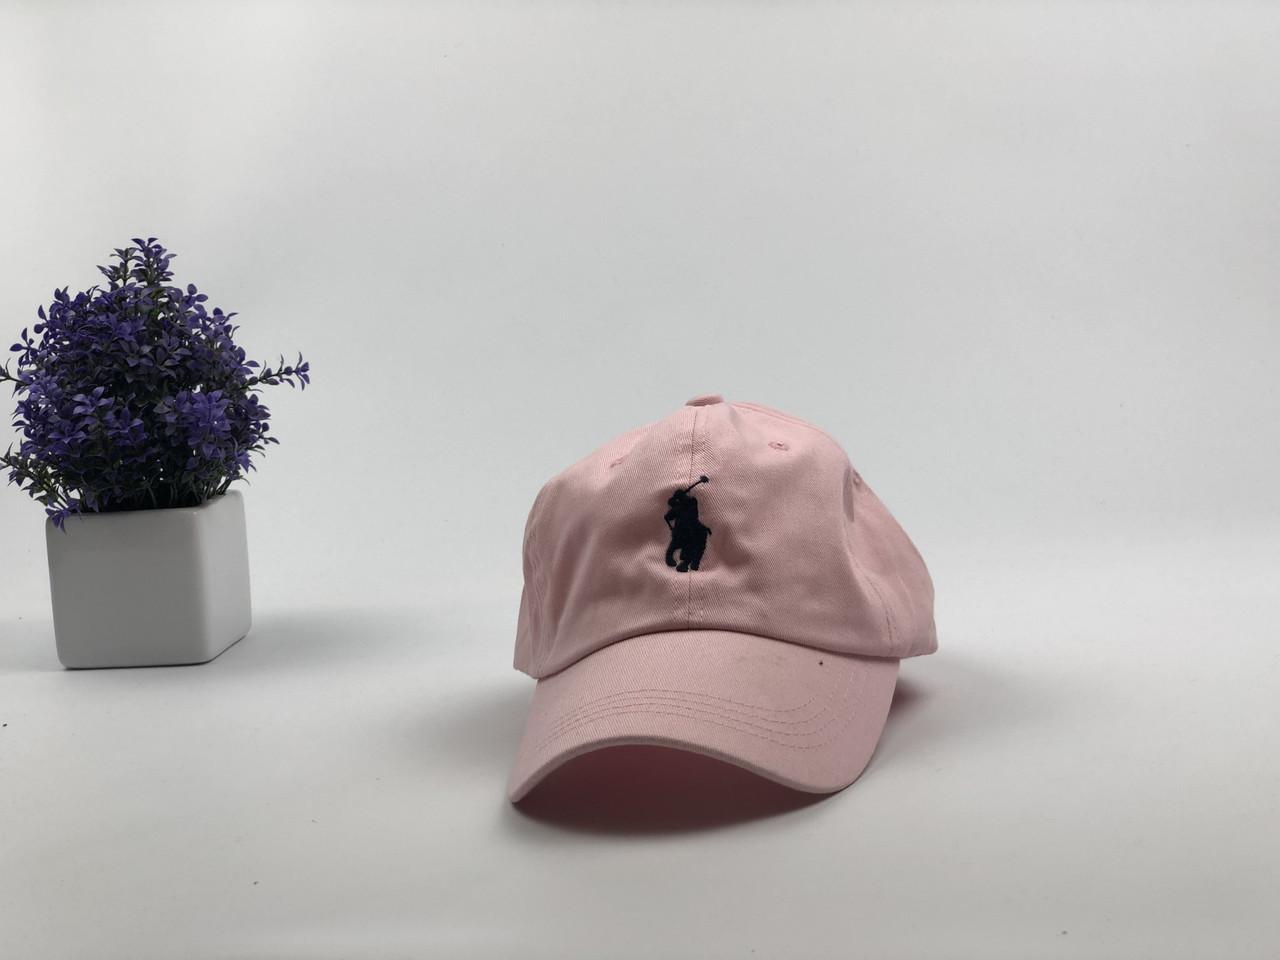 Кепка бейсболка Polo Ralph Lauren (розовая с черным лого) с кожаным ремешком